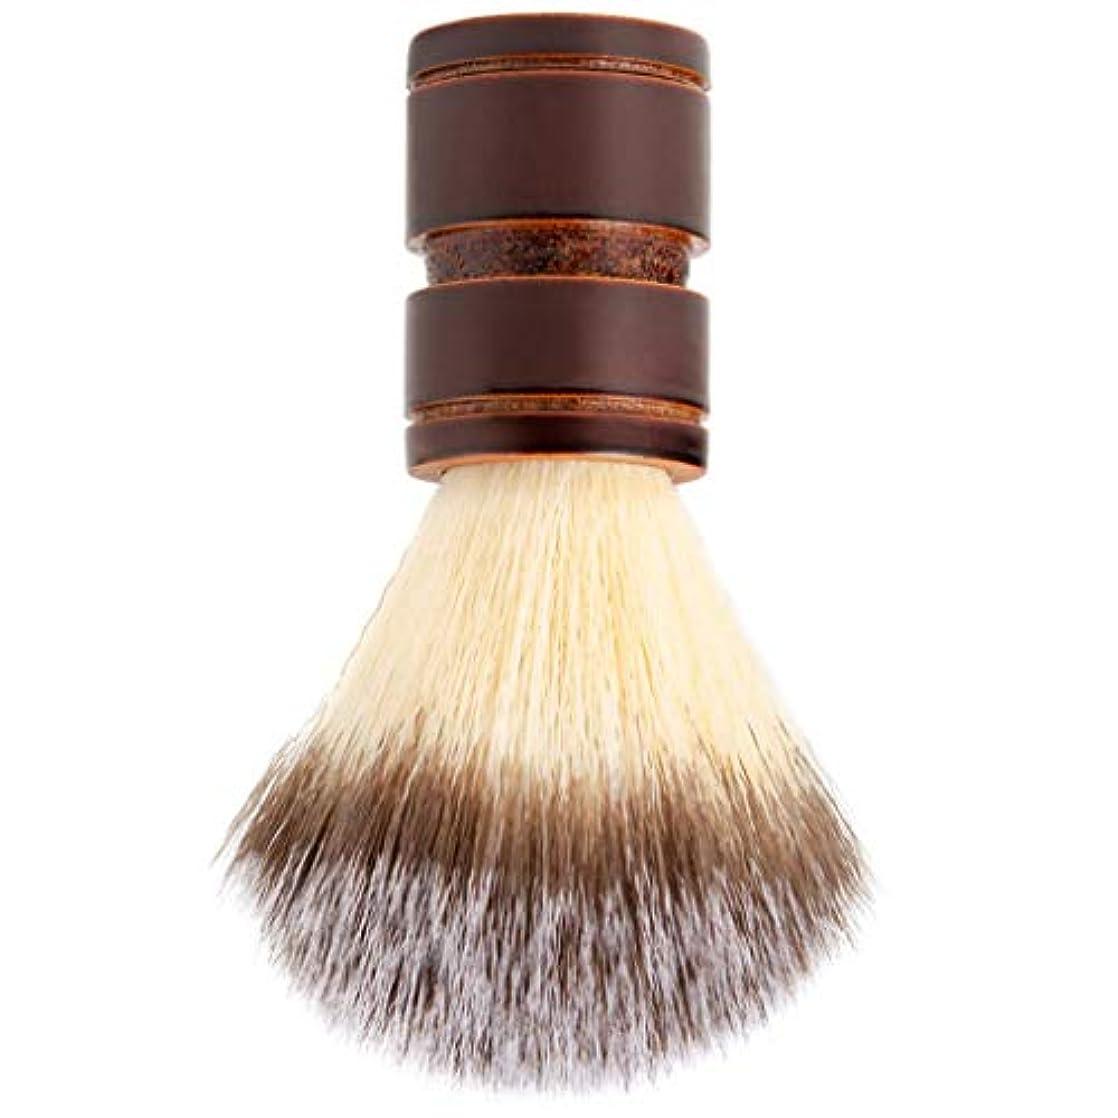 ヒョウ番号再現するchiwanji メンズ シェービング ブラシ ひげブラシ メンズ ひげ剃り 快適な 柔らかい